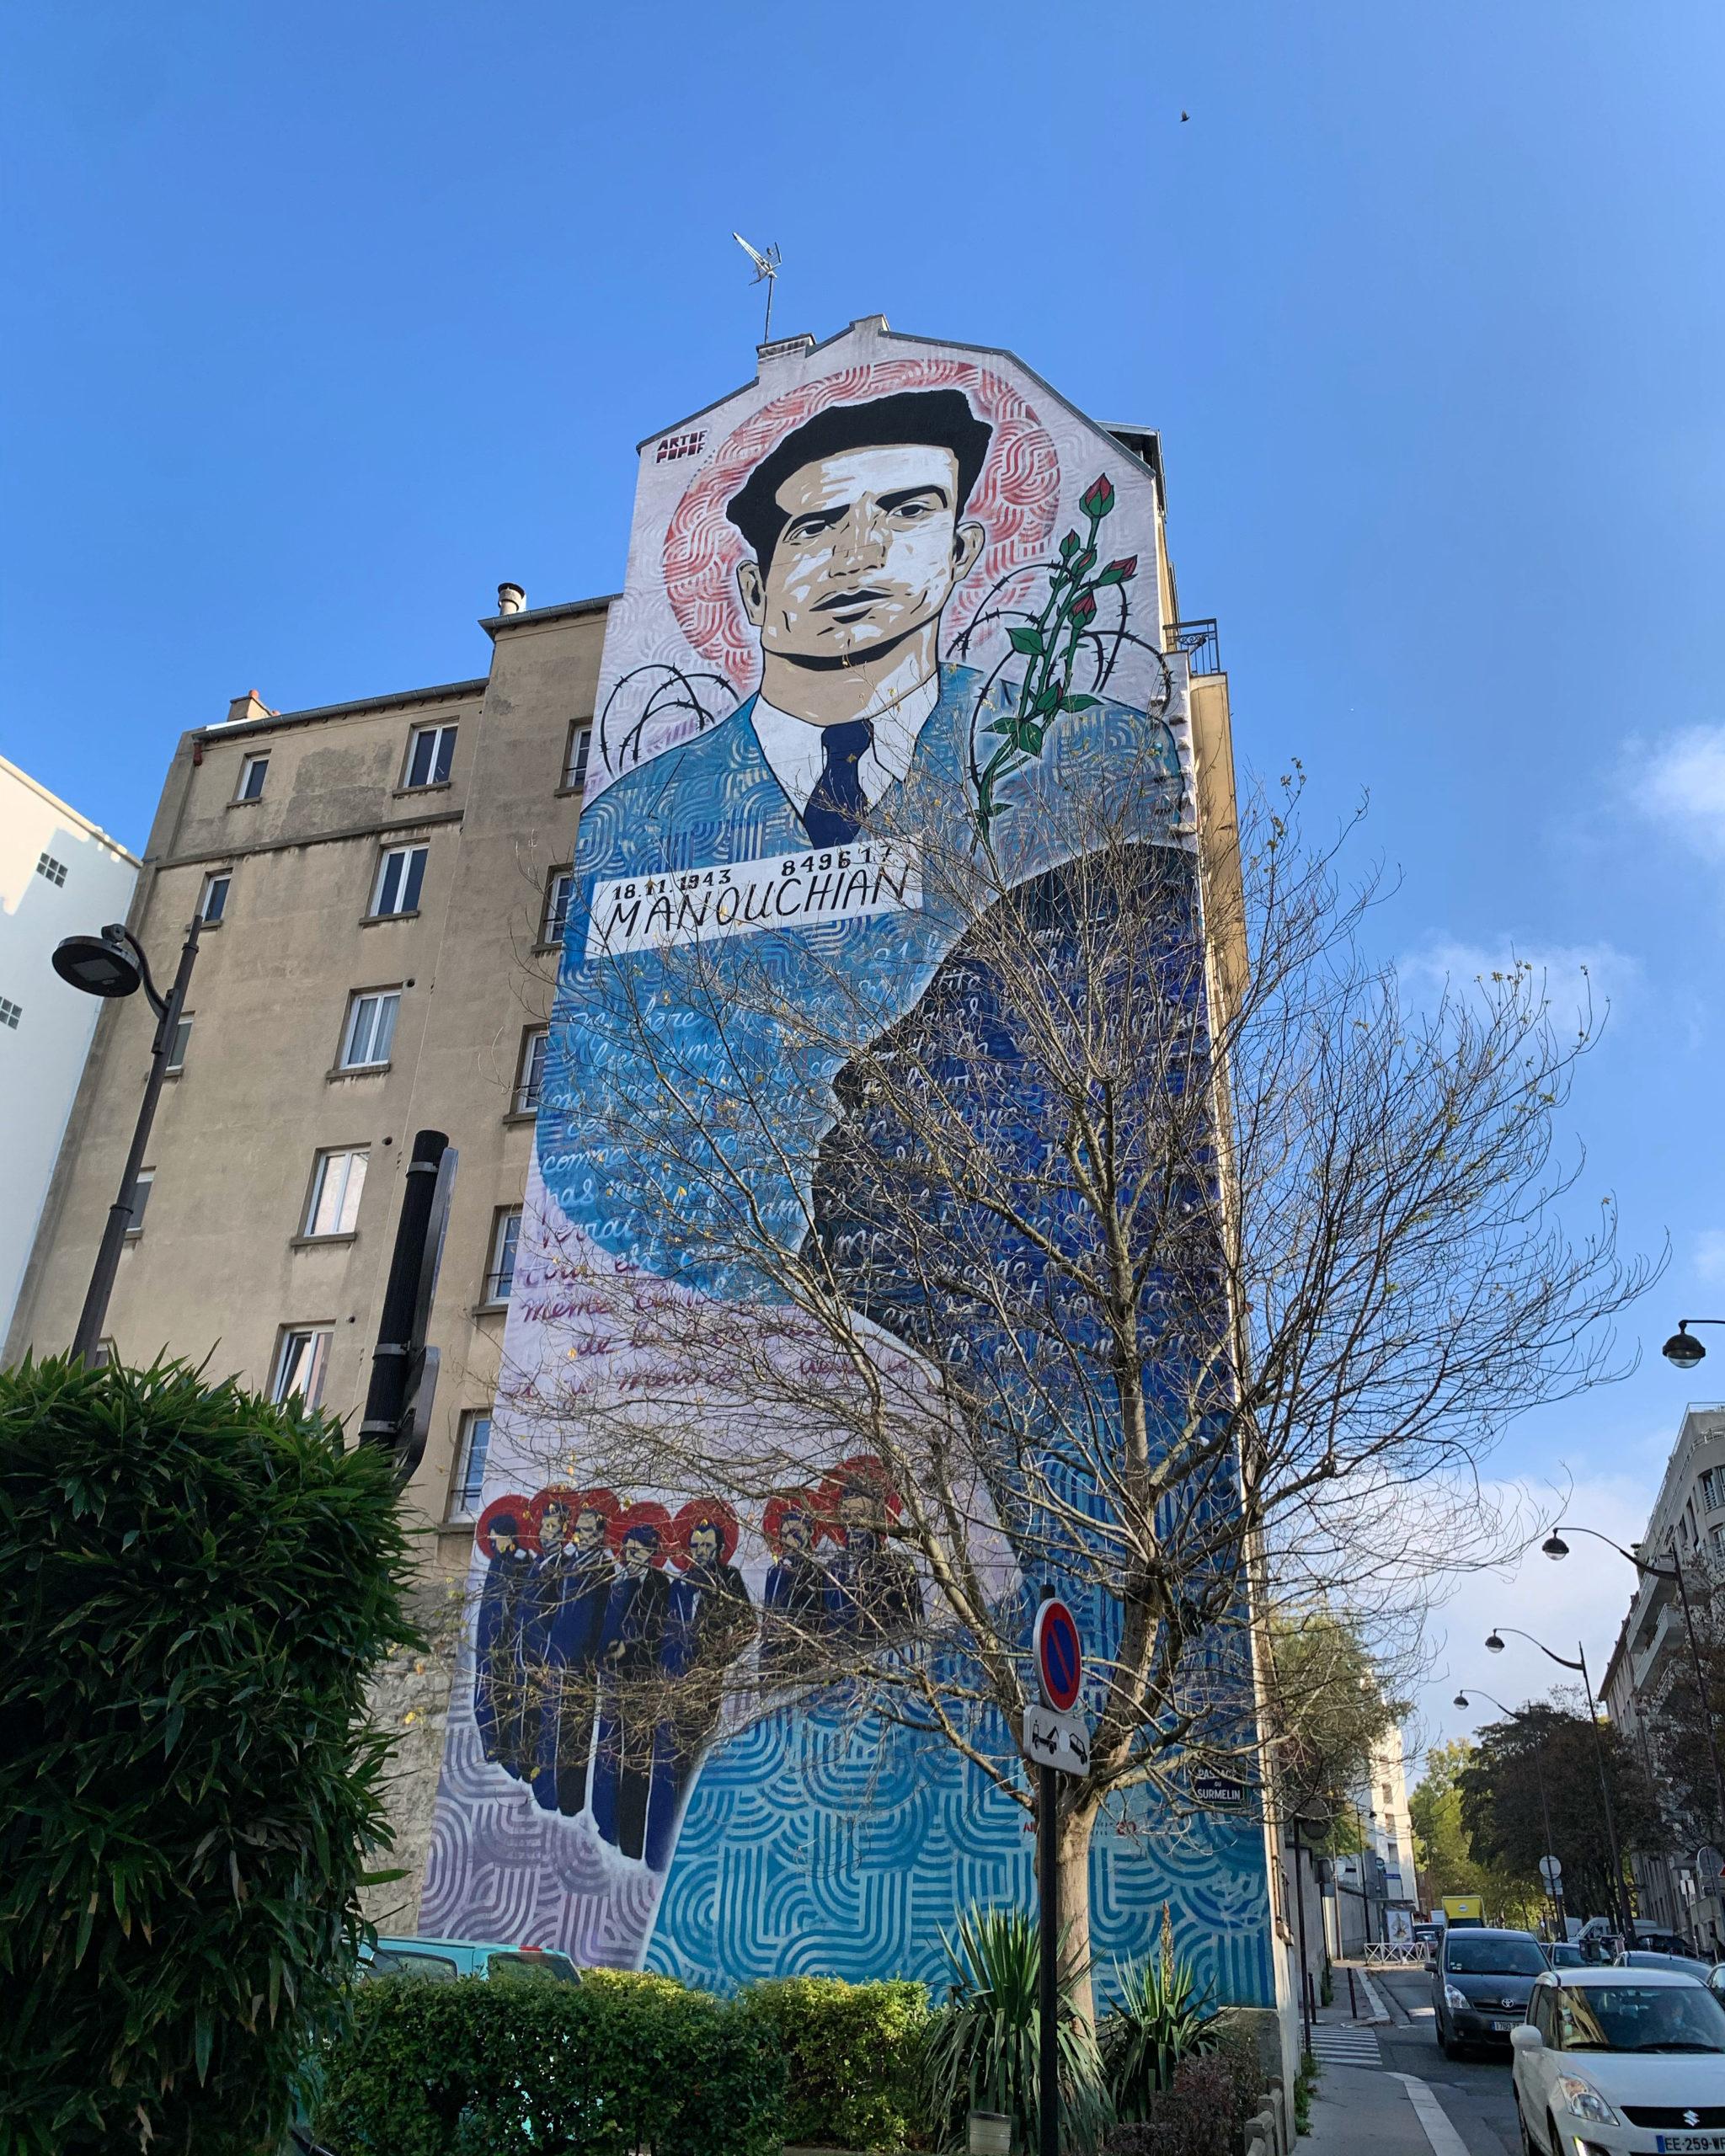 Ode au courage : le mur peint en hommage au résistant Missak Manouchian